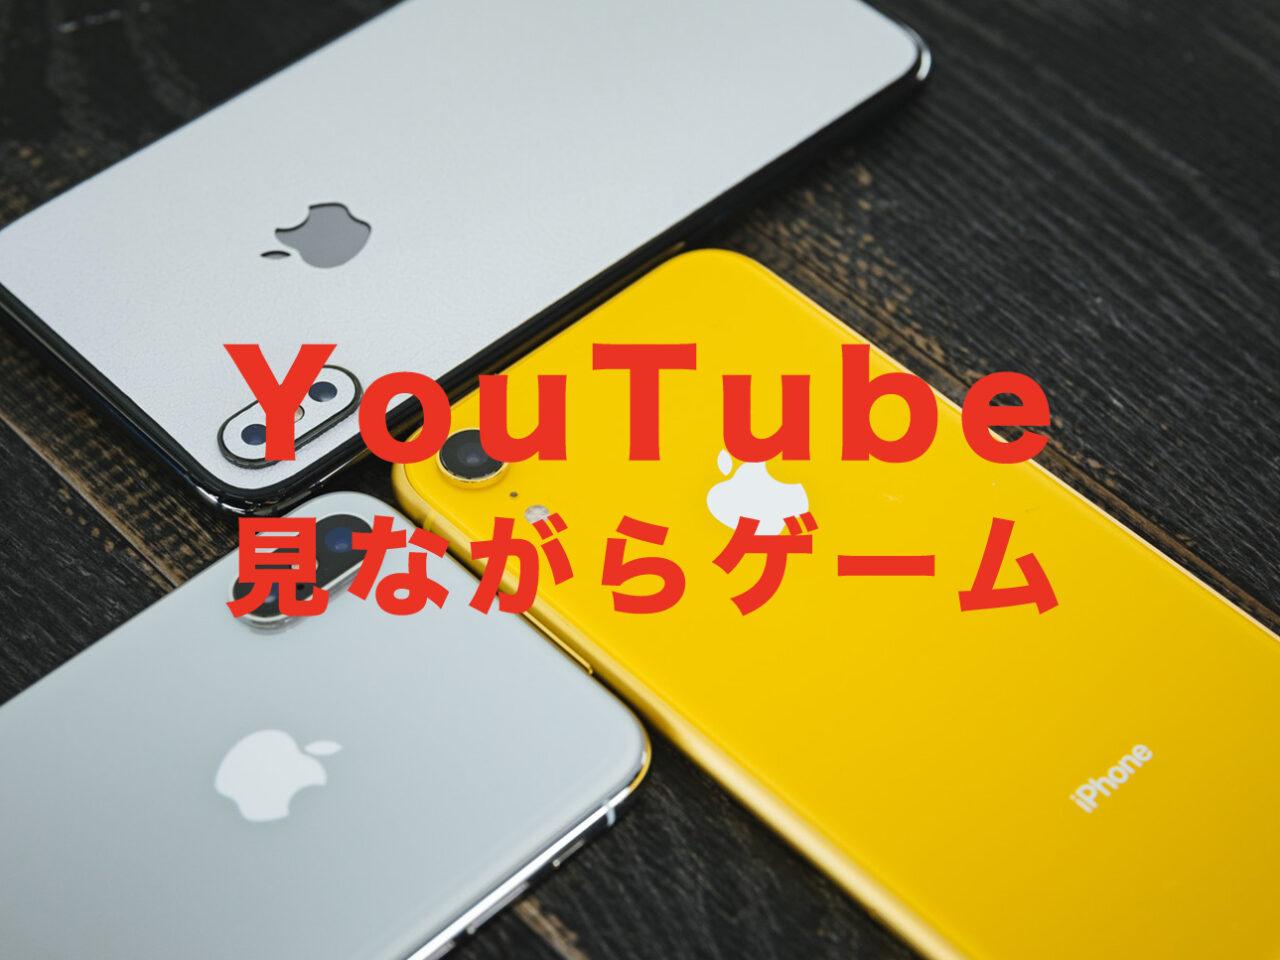 YouTubeを見ながらゲームできる?iPhoneでゲームしながら動画を楽しむには?のサムネイル画像